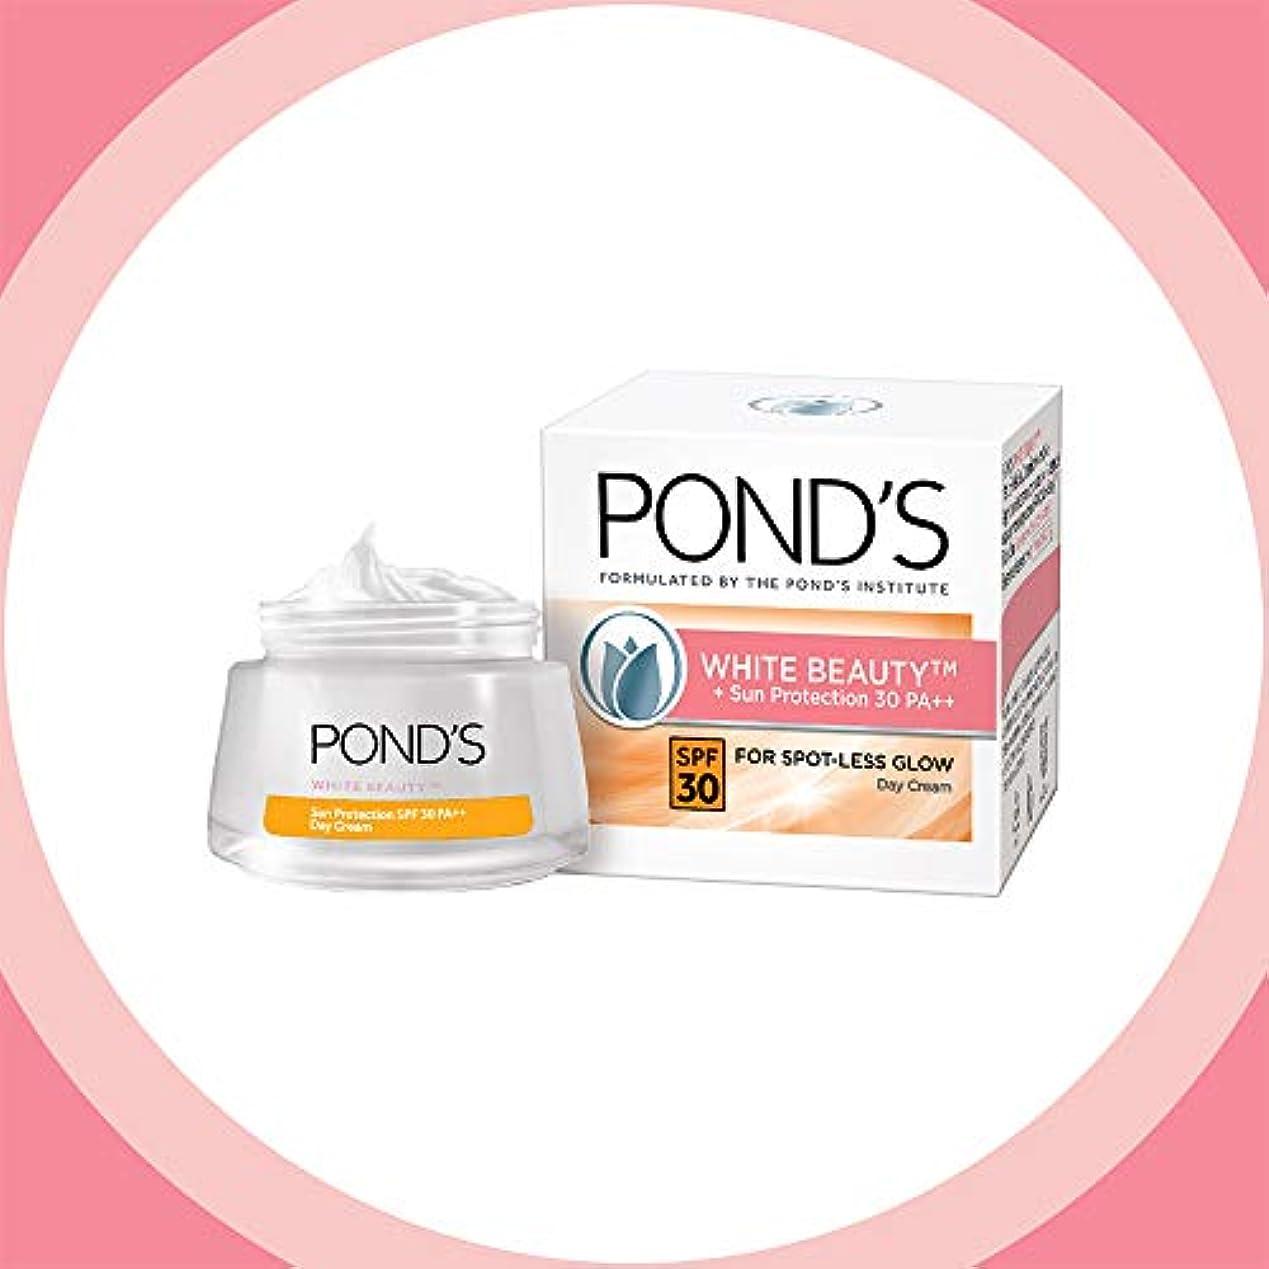 バウンド悪化させるレイアウトPOND'S White Beauty Sun Protection SPF 30 Day Cream, 50 g